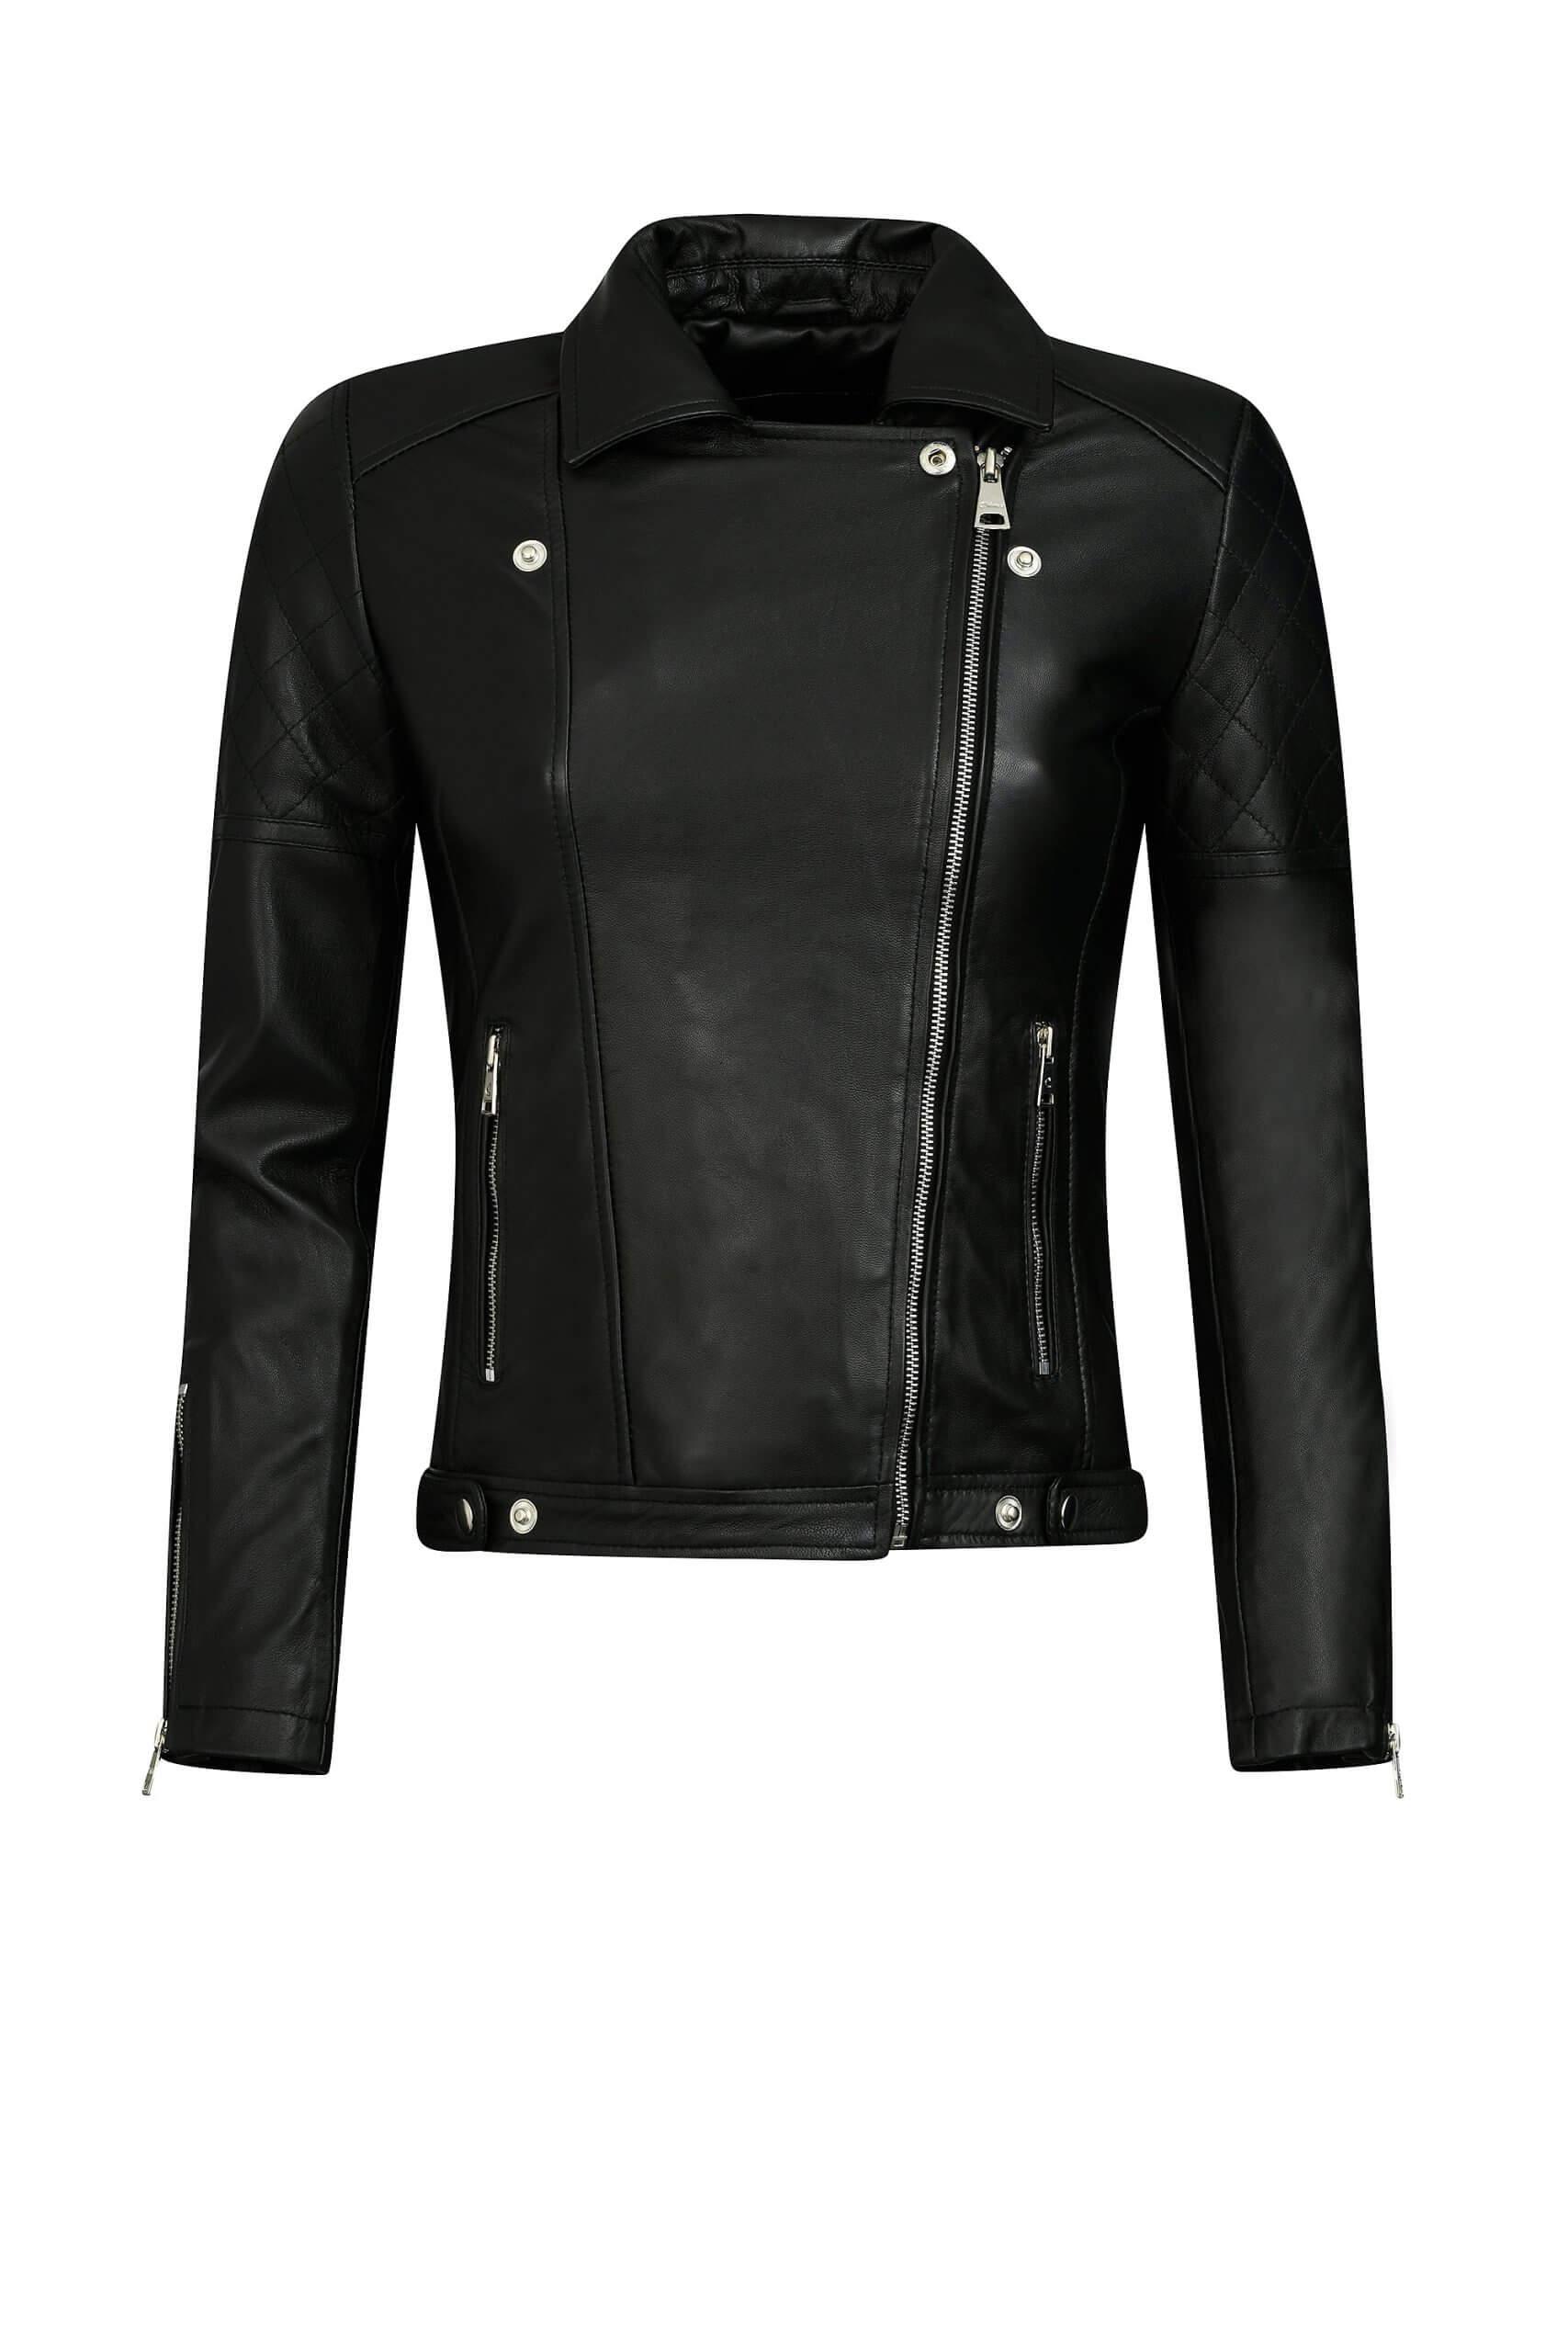 Chinco-Hera biker zwart